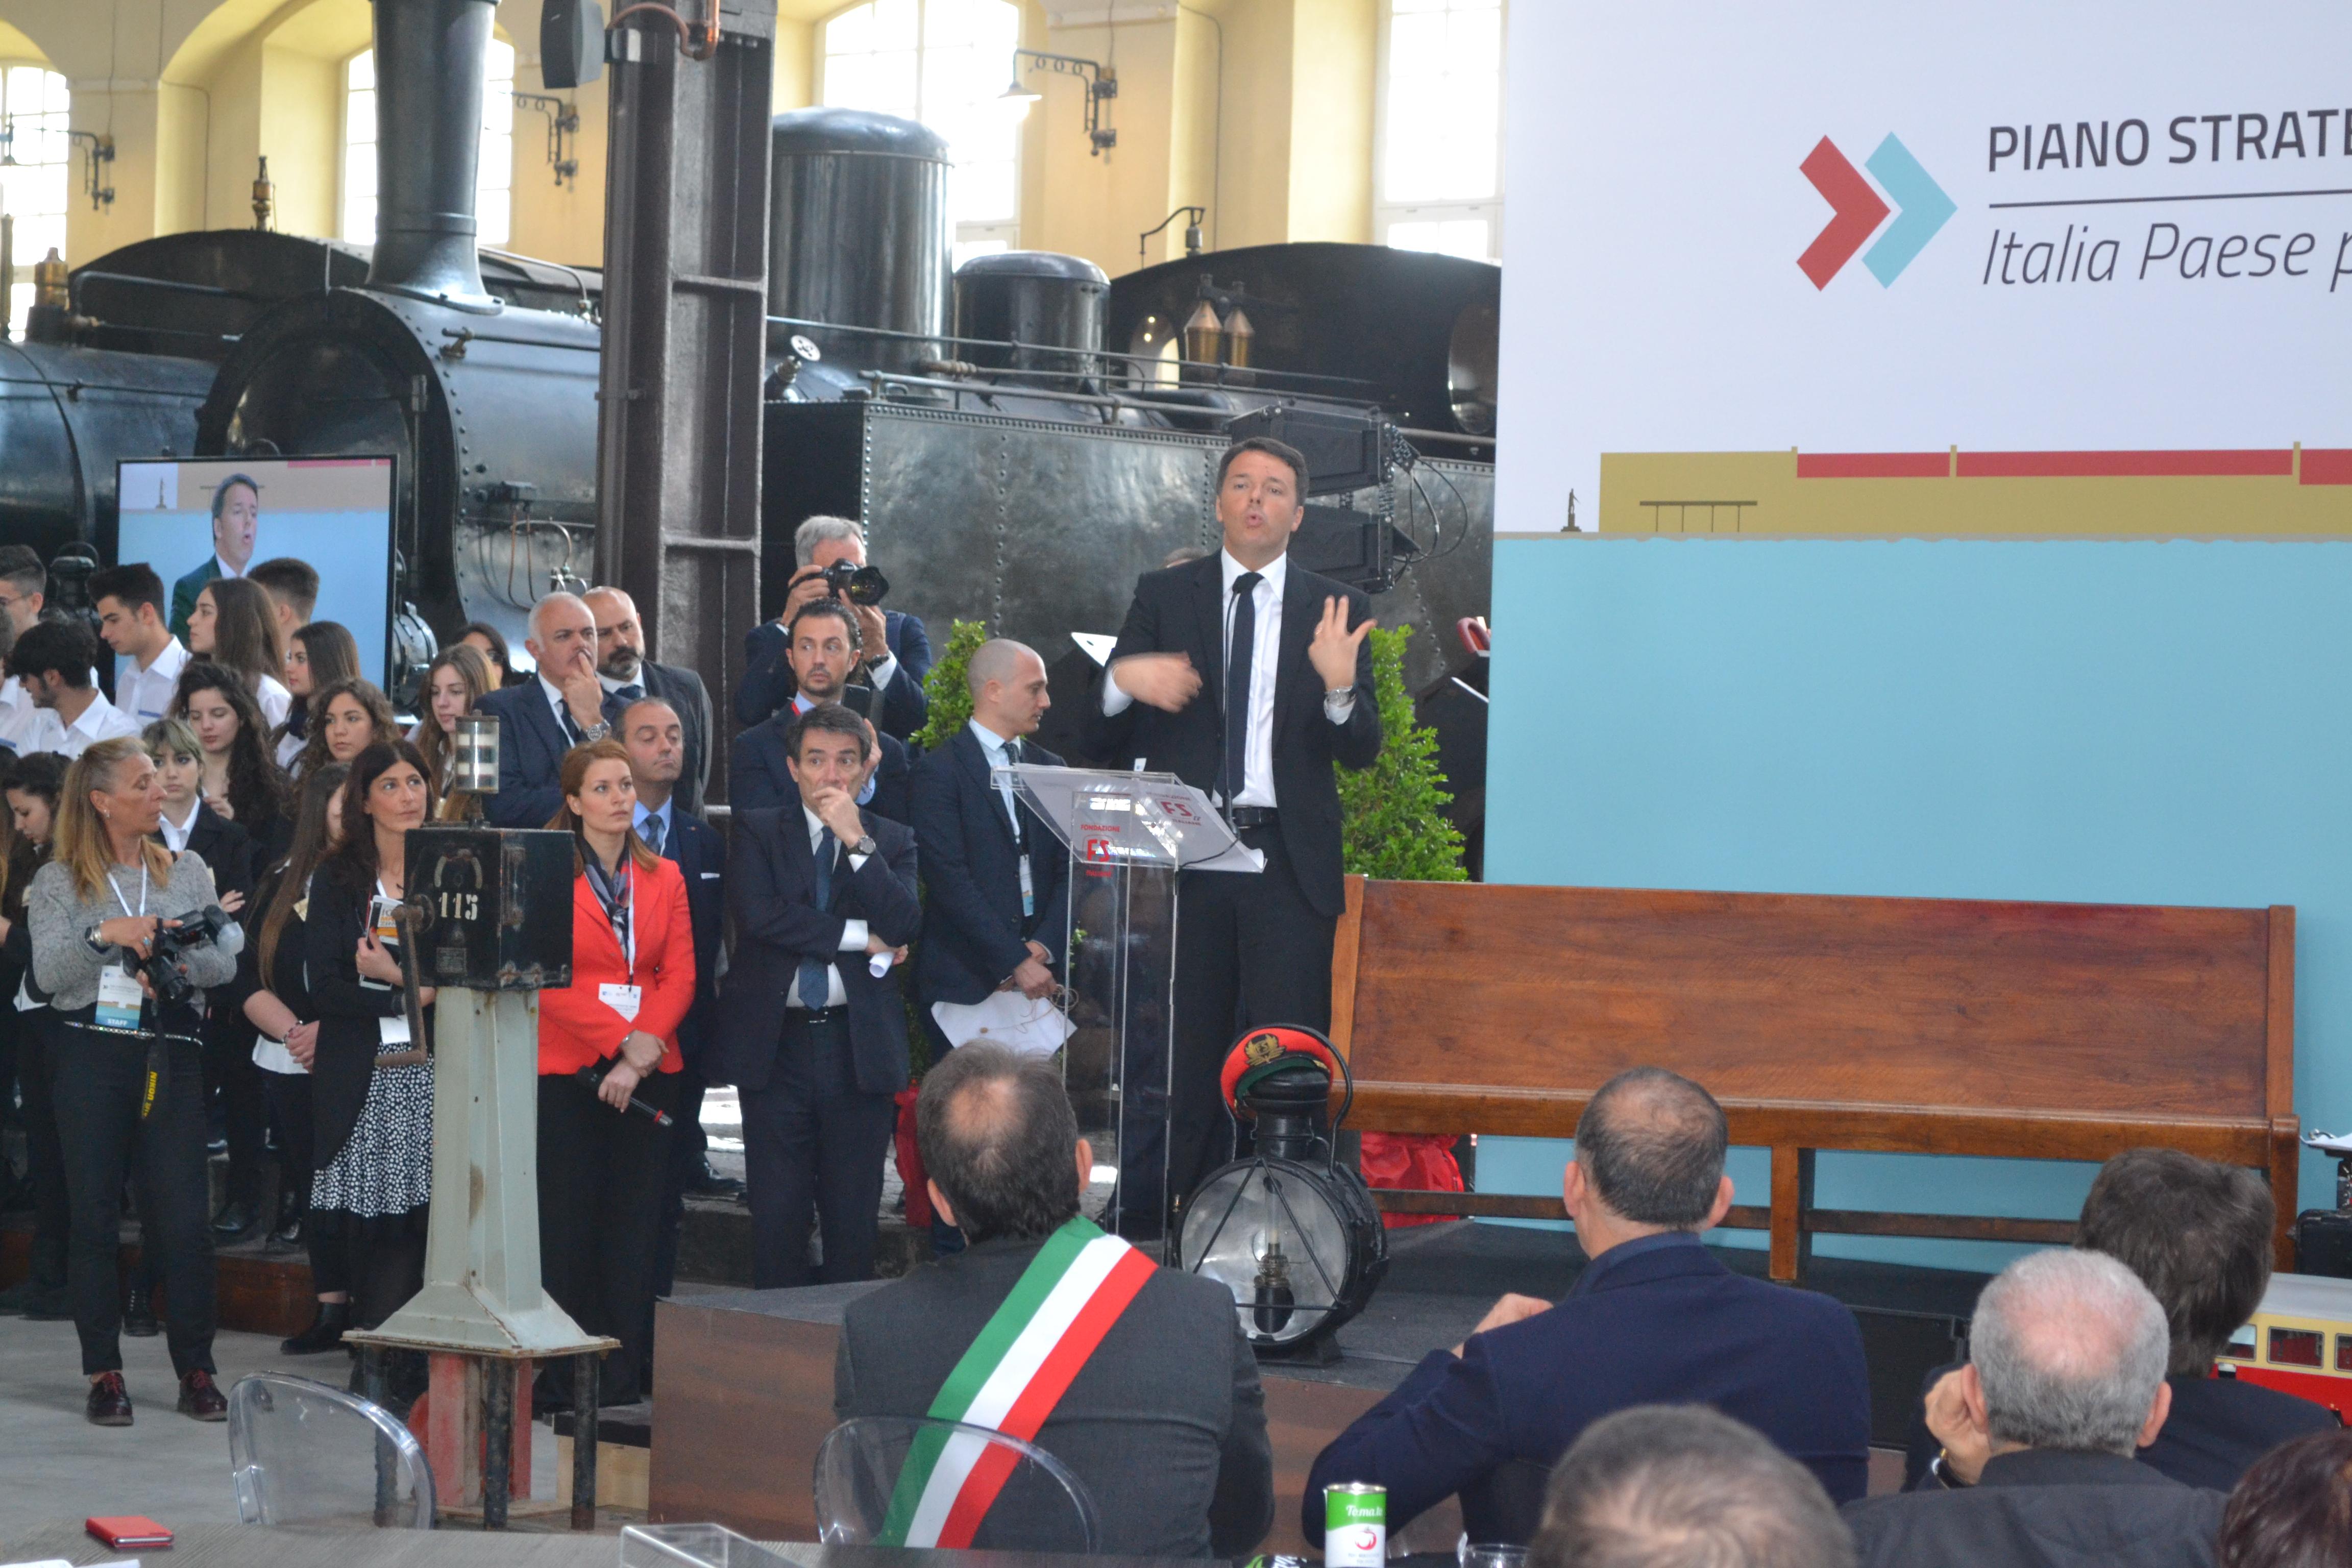 """Renzi a Portici. Per il sindaco Marrone """"segnale tangibile del governo per il Miglio d'oro""""; mentre il PD critica l'organizzazione."""